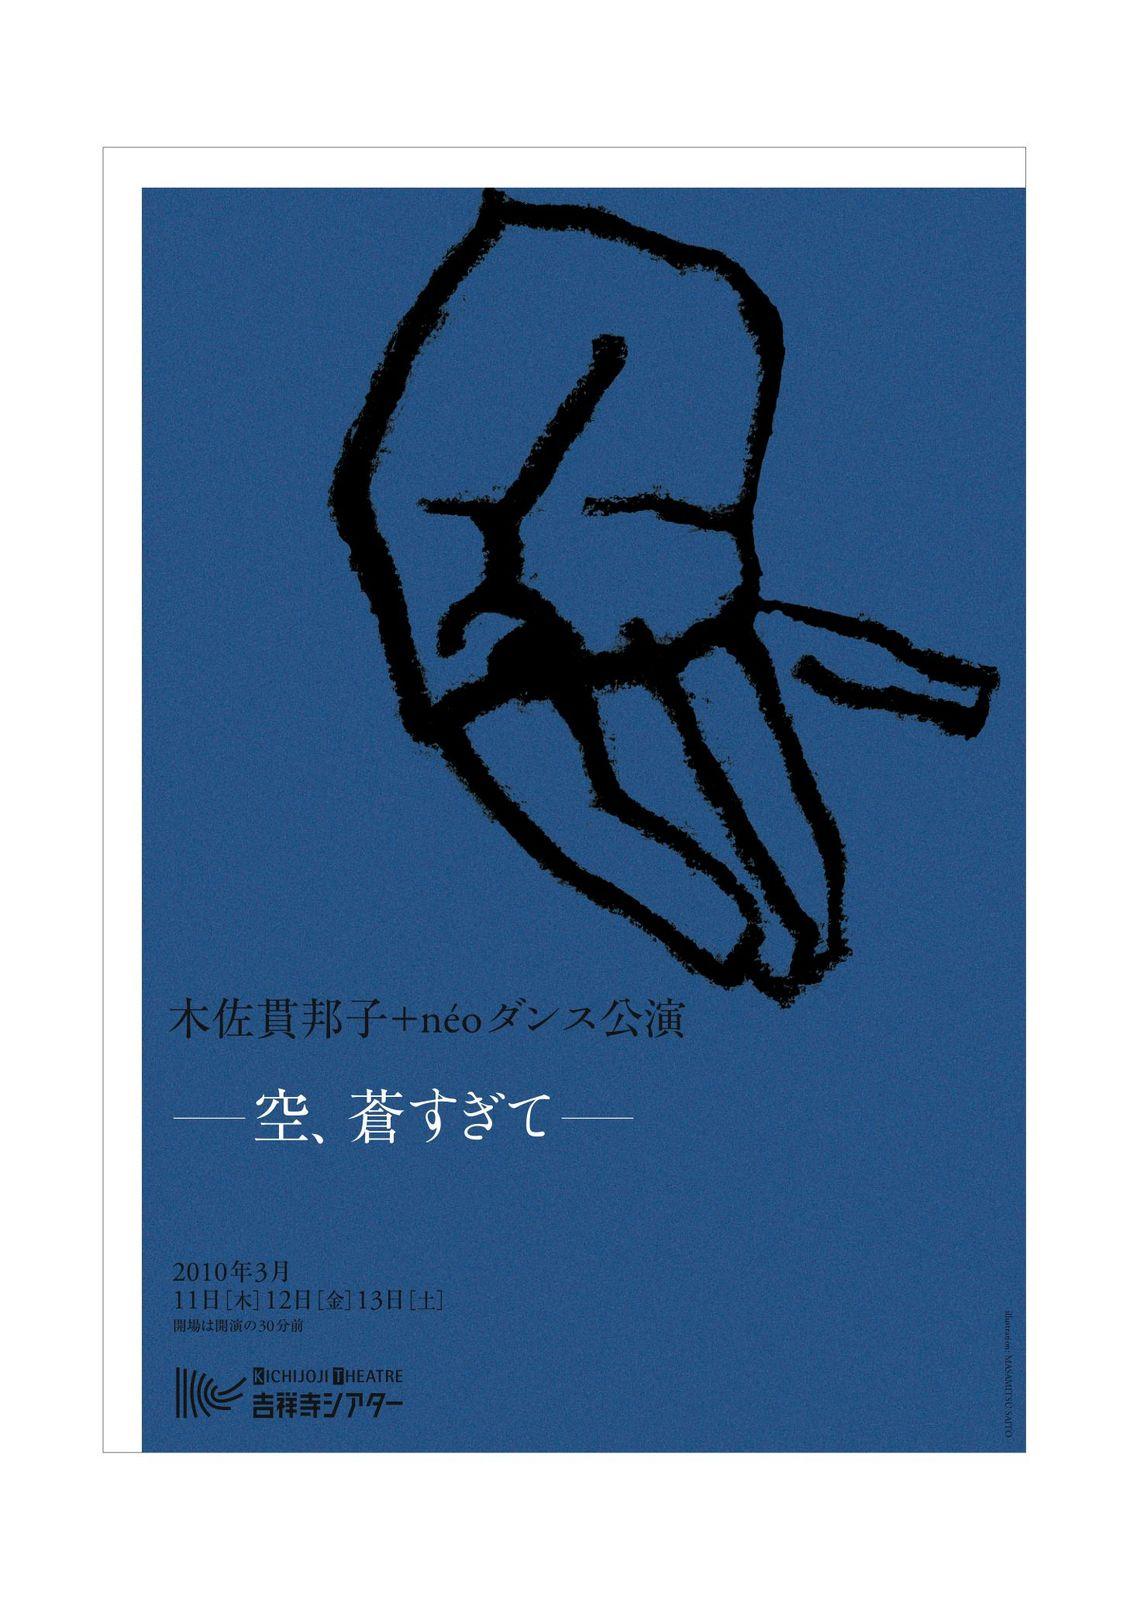 Design1c